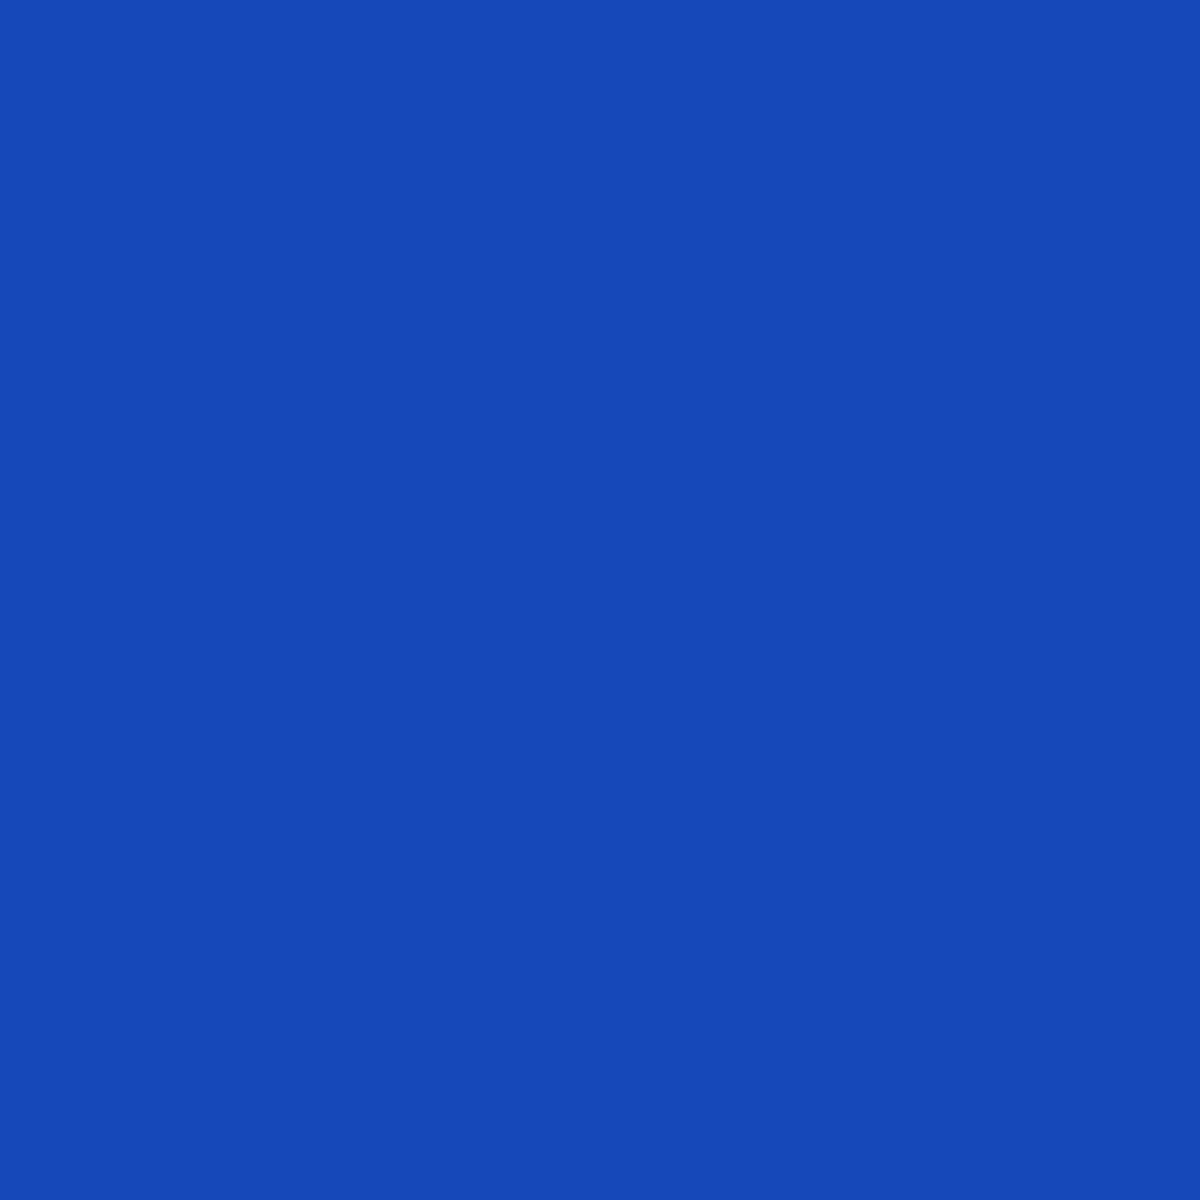 700 Faltkarten Faltkarten Faltkarten Din Lang - Hellgrau - Premium Qualität - 10,5 x 21 cm - Sehr formstabil - für Drucker Geeignet  - Qualitätsmarke  NEUSER FarbenFroh B012B4T2CO | Große Klassifizierung  f6b27d